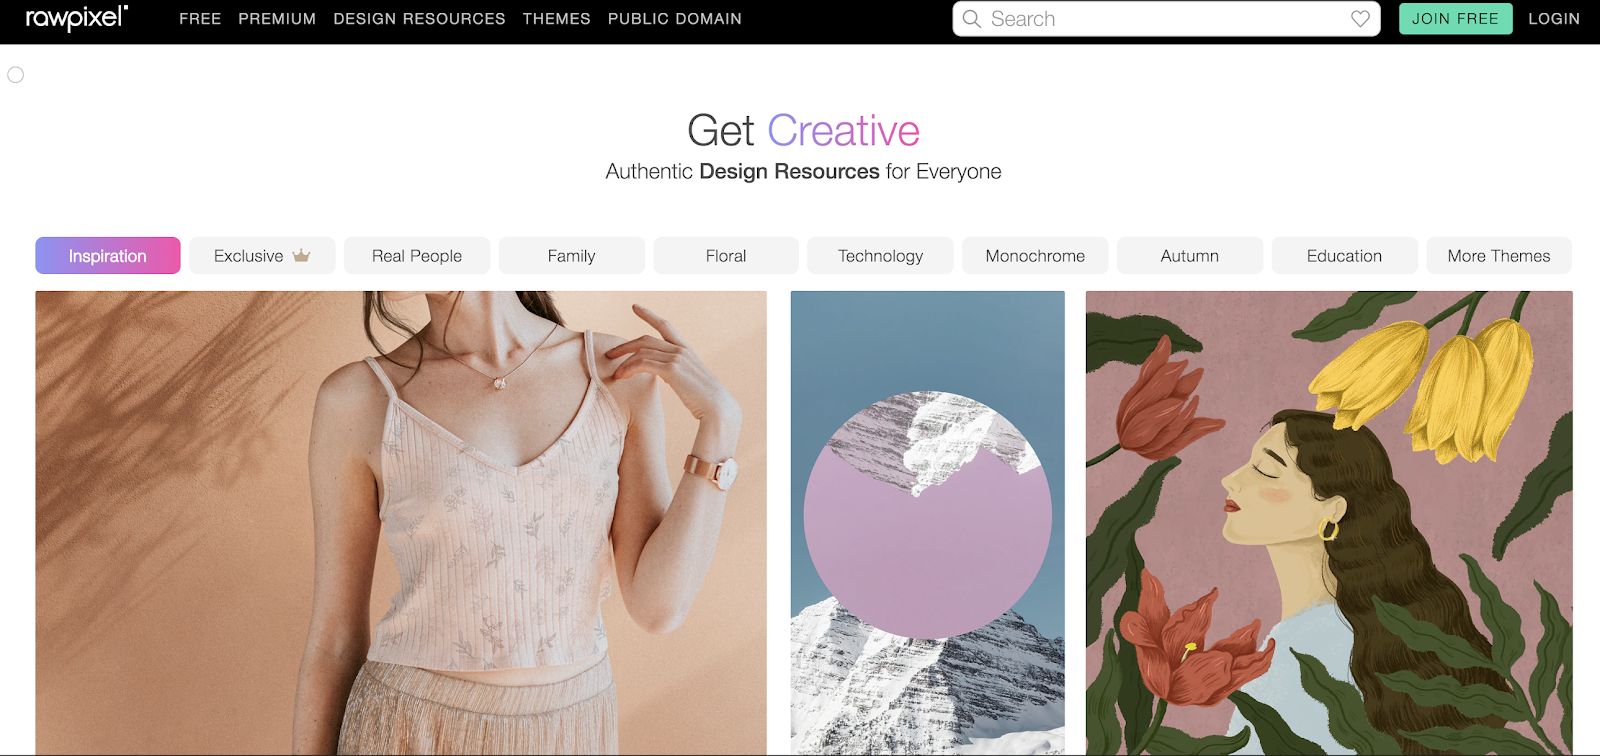 how to get no copyright image